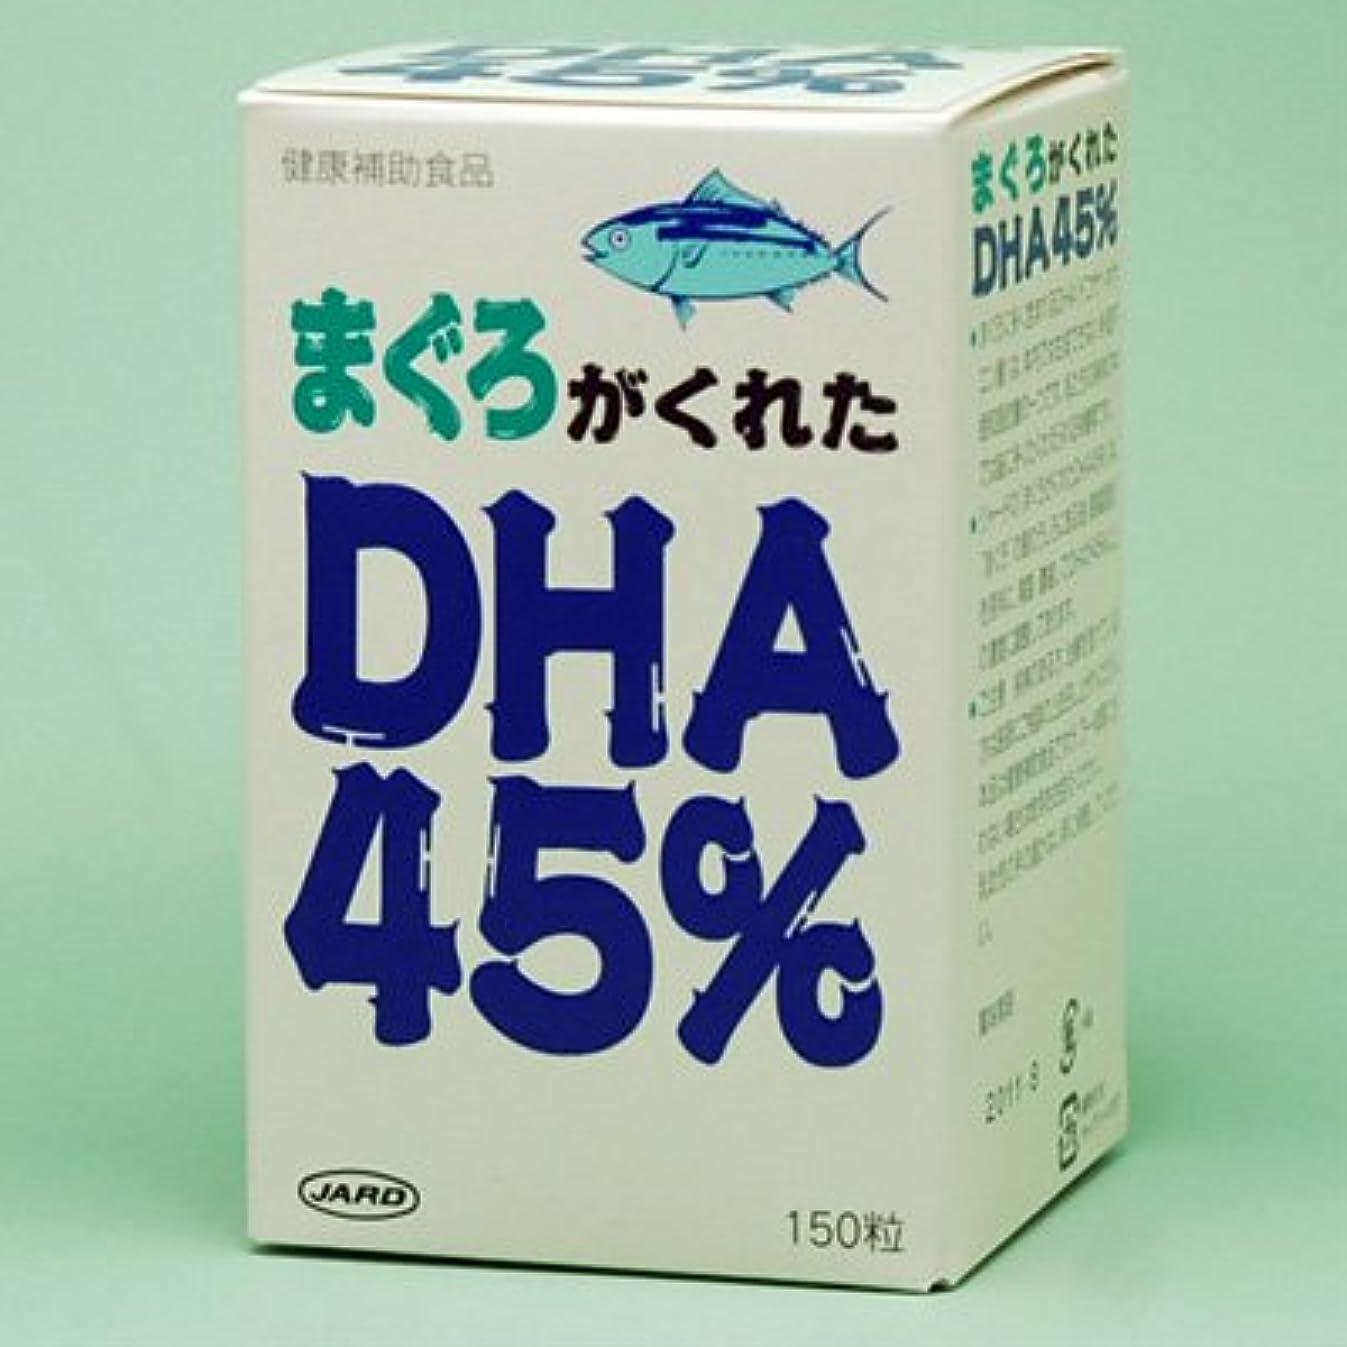 球状石油聖なるまぐろがくれたDHA45%【6本セット】ジャード